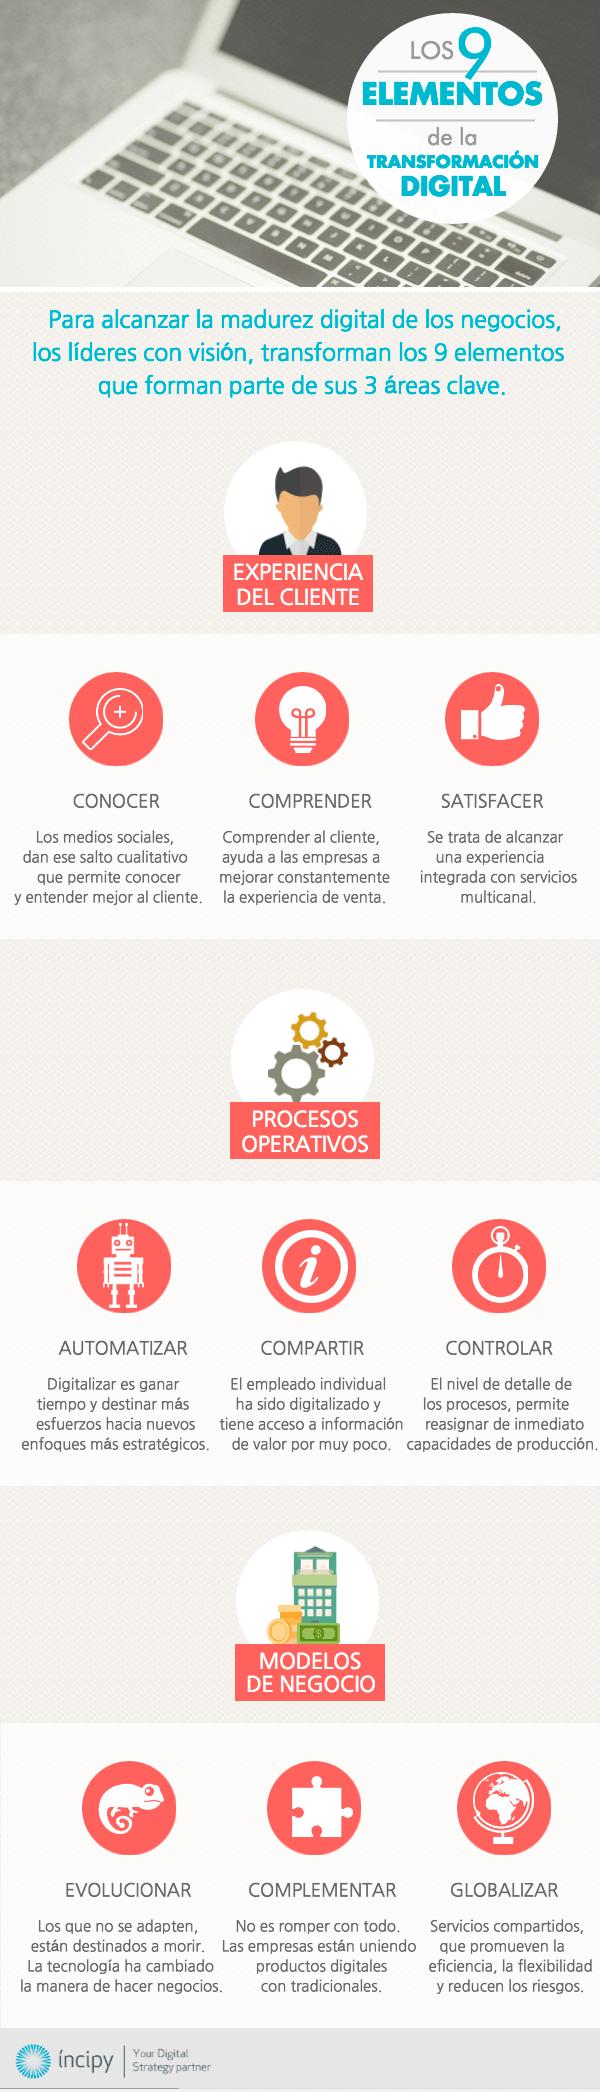 Los 9 elementos de la transformación digital infografía en español